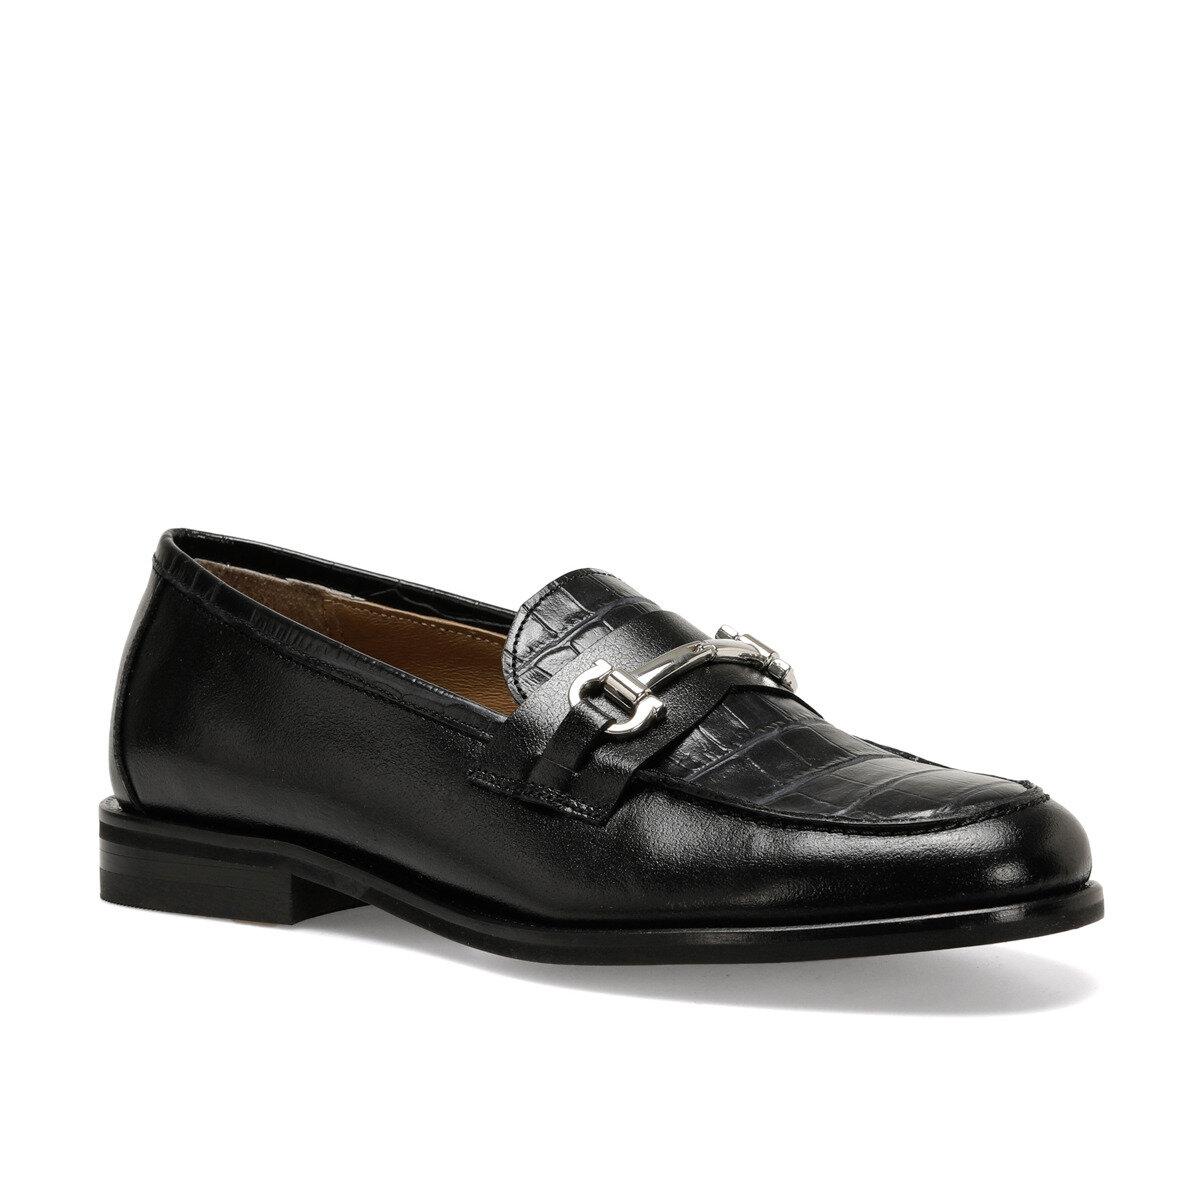 GERA Siyah Kadın Loafer Ayakkabı